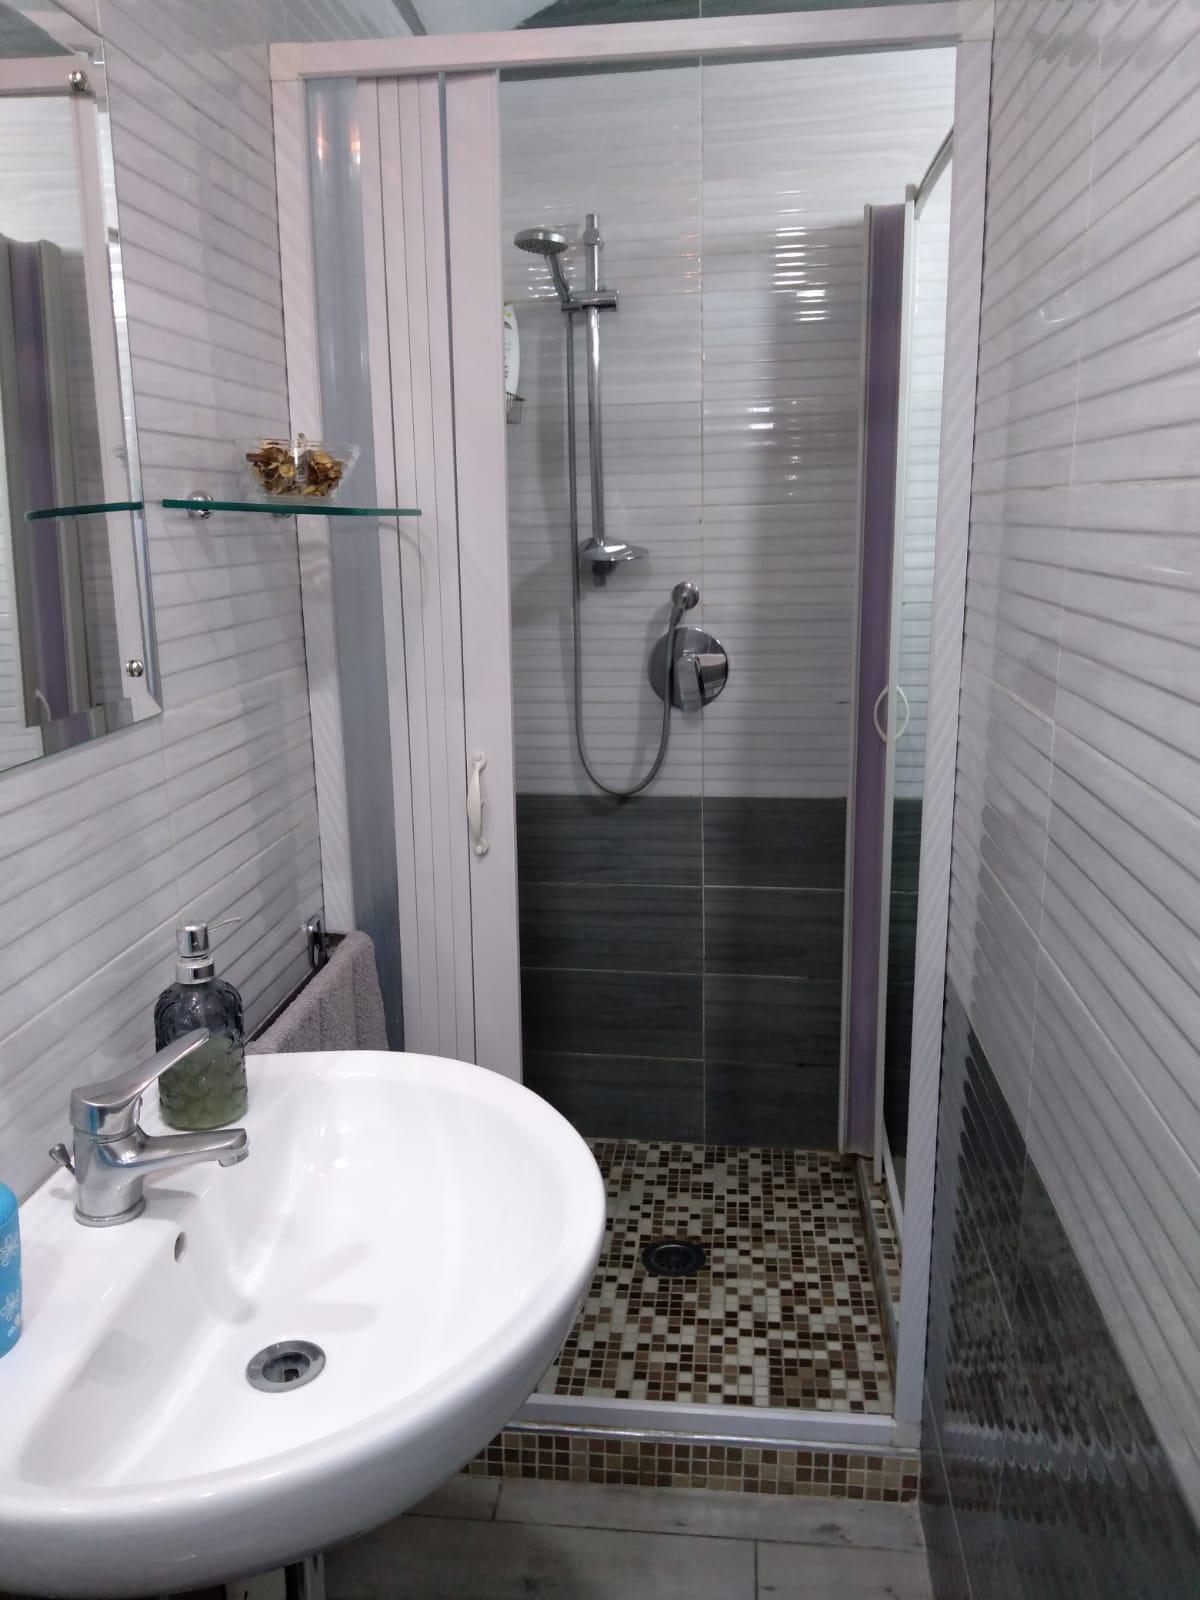 Cucine Usate Campania Napoli dante street 49 casa vacanza - flats for rent in napoli